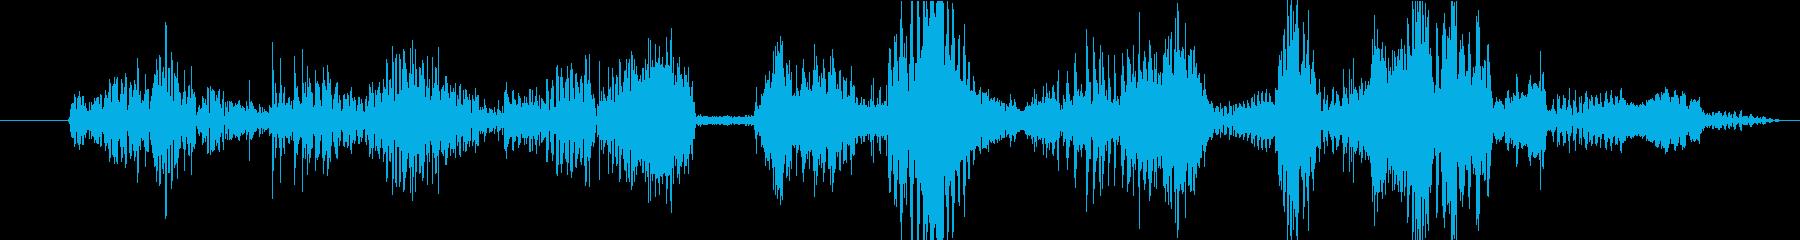 イメージ クレイジートーク05の再生済みの波形